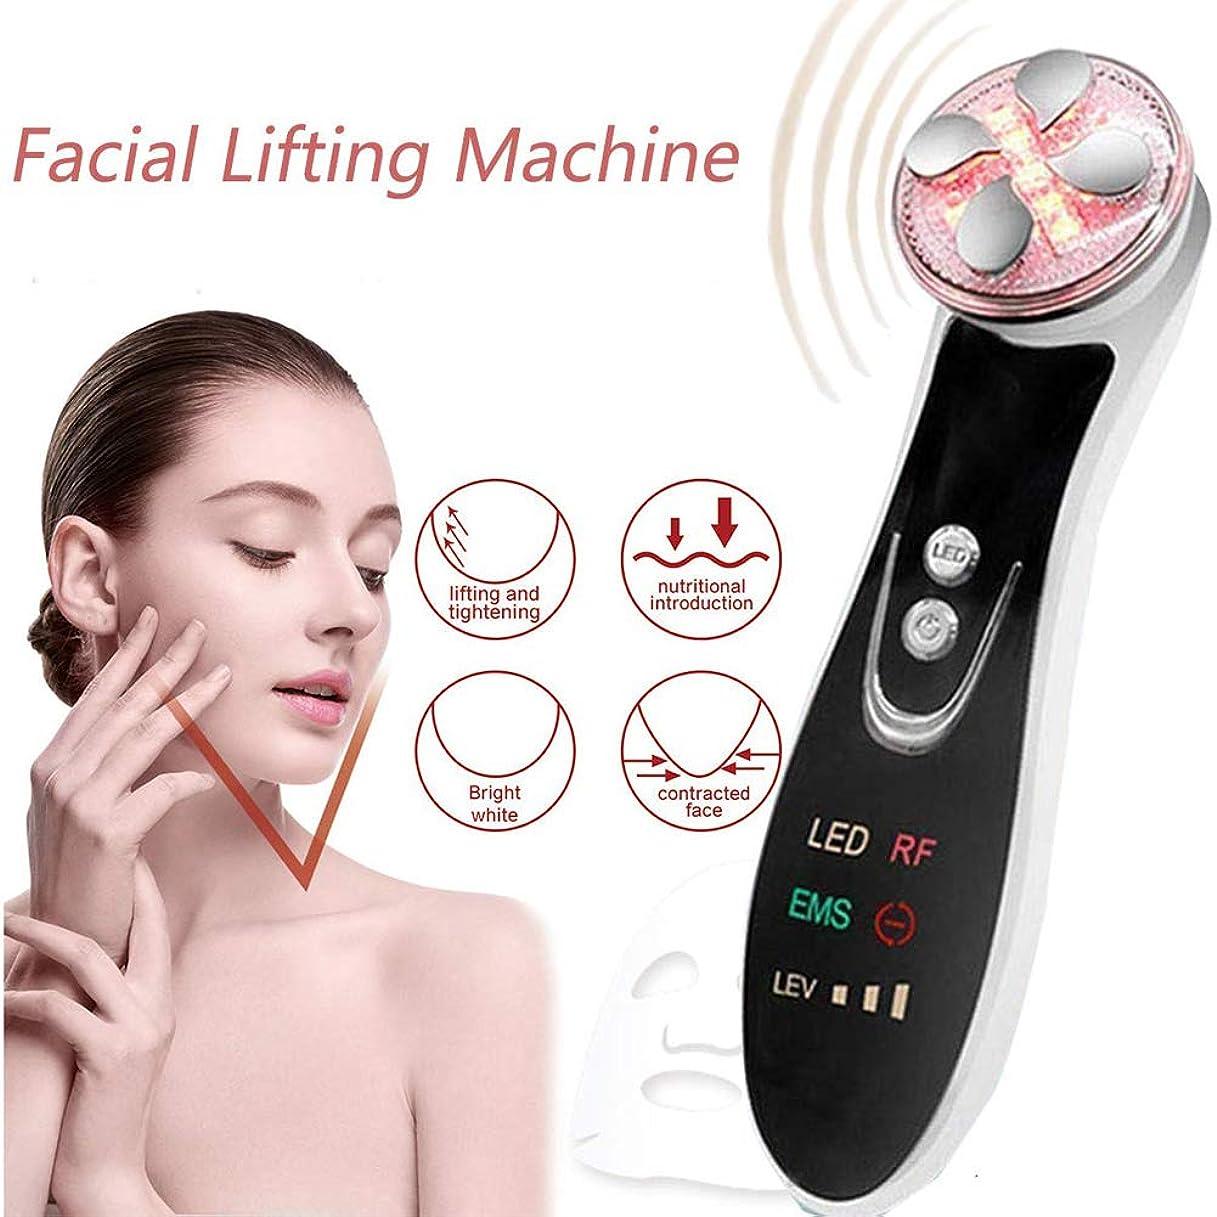 コンペ袋割合機械をきつく締める皮、1つのRF EMS LEDライト療法のしわに付き顔の持ち上がるボディ形削り盤機械6つは反老化のアクネの美装置を取除きます